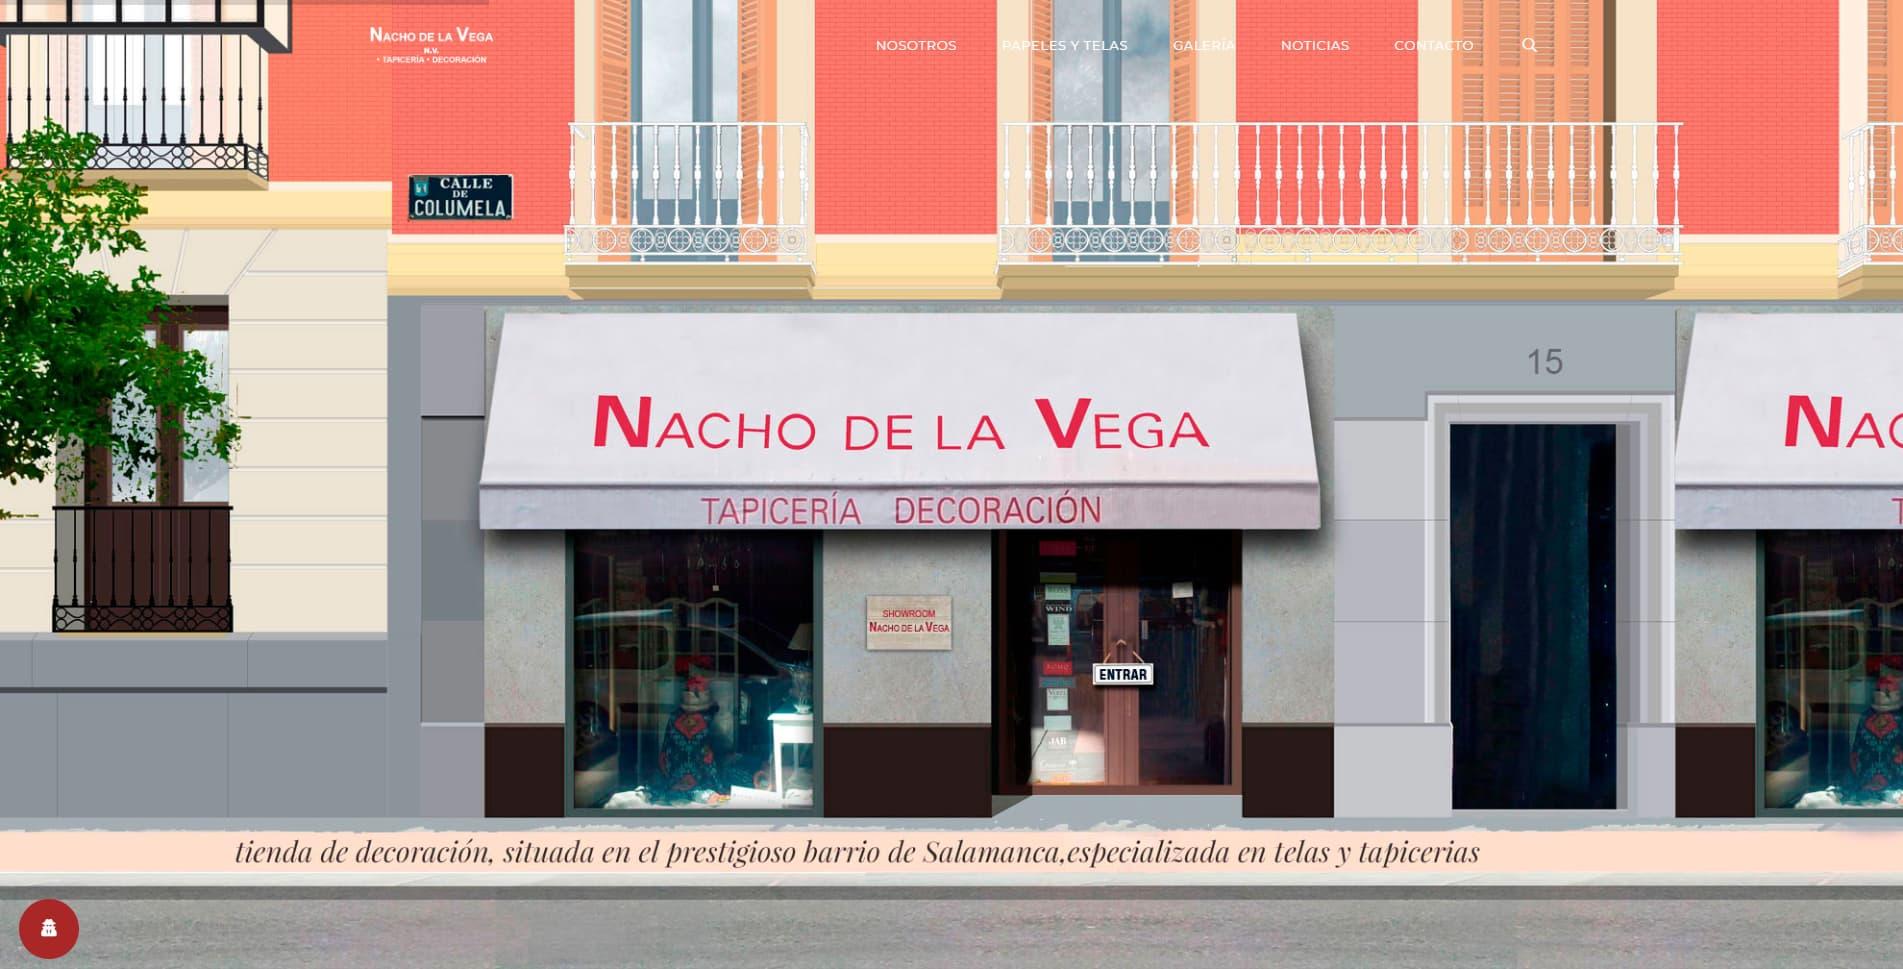 Nachodelavega – Tapicería – Decoración